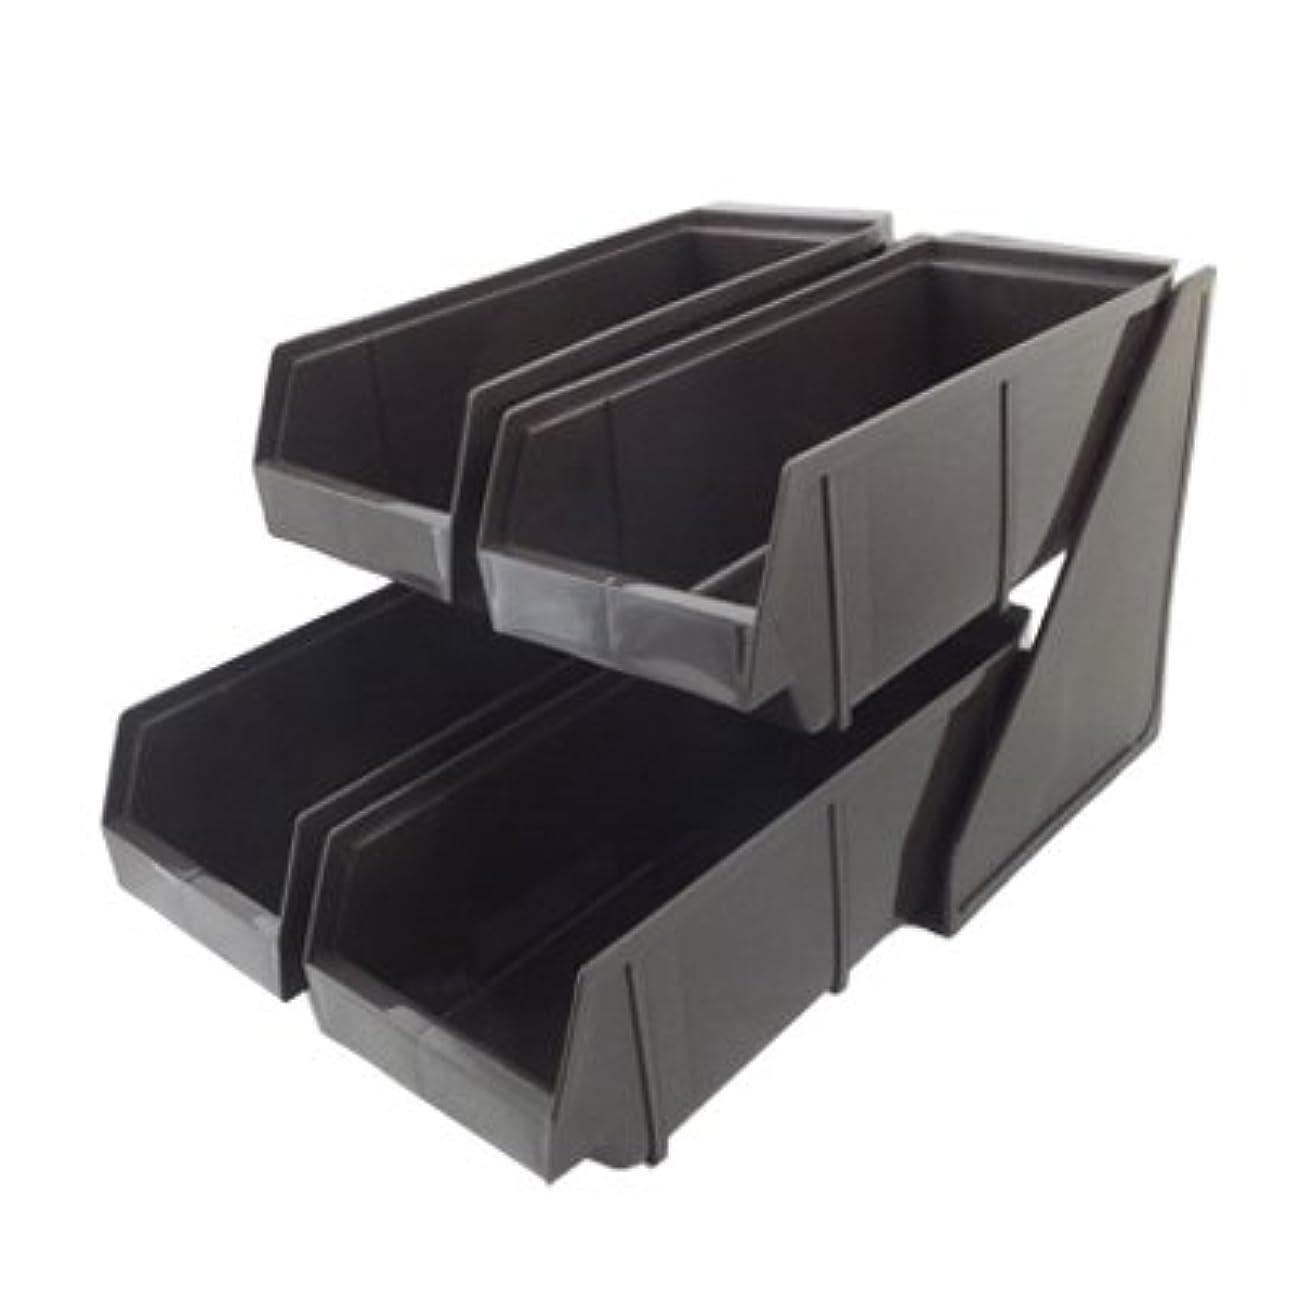 流す勃起組立WINOMO カトラリートレイ カトラリーケース 伸縮 竹製 ナイル スプーン フォーク 収納ケース 多用途